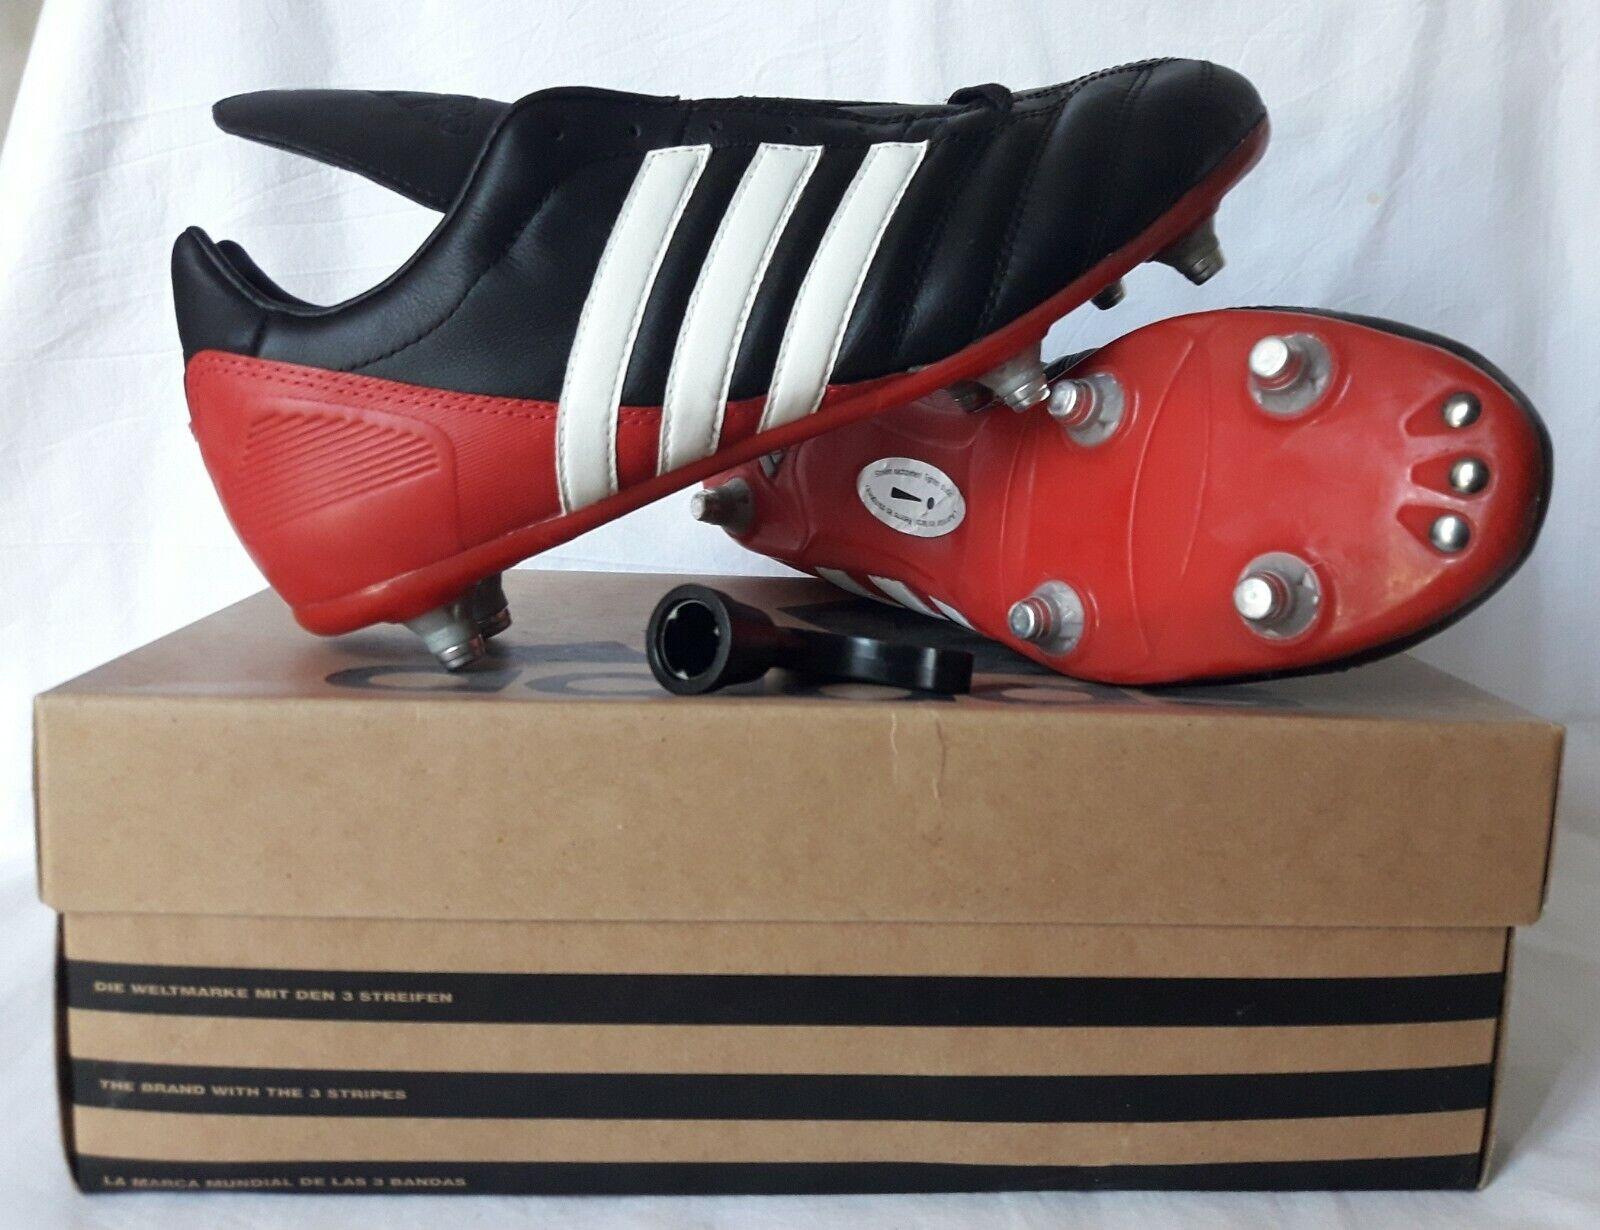 Adidas Projoator Mania Manado Sg Fútbol Zapatos Botines de fútbol, EE. UU. 9 Reino Unido 8.5